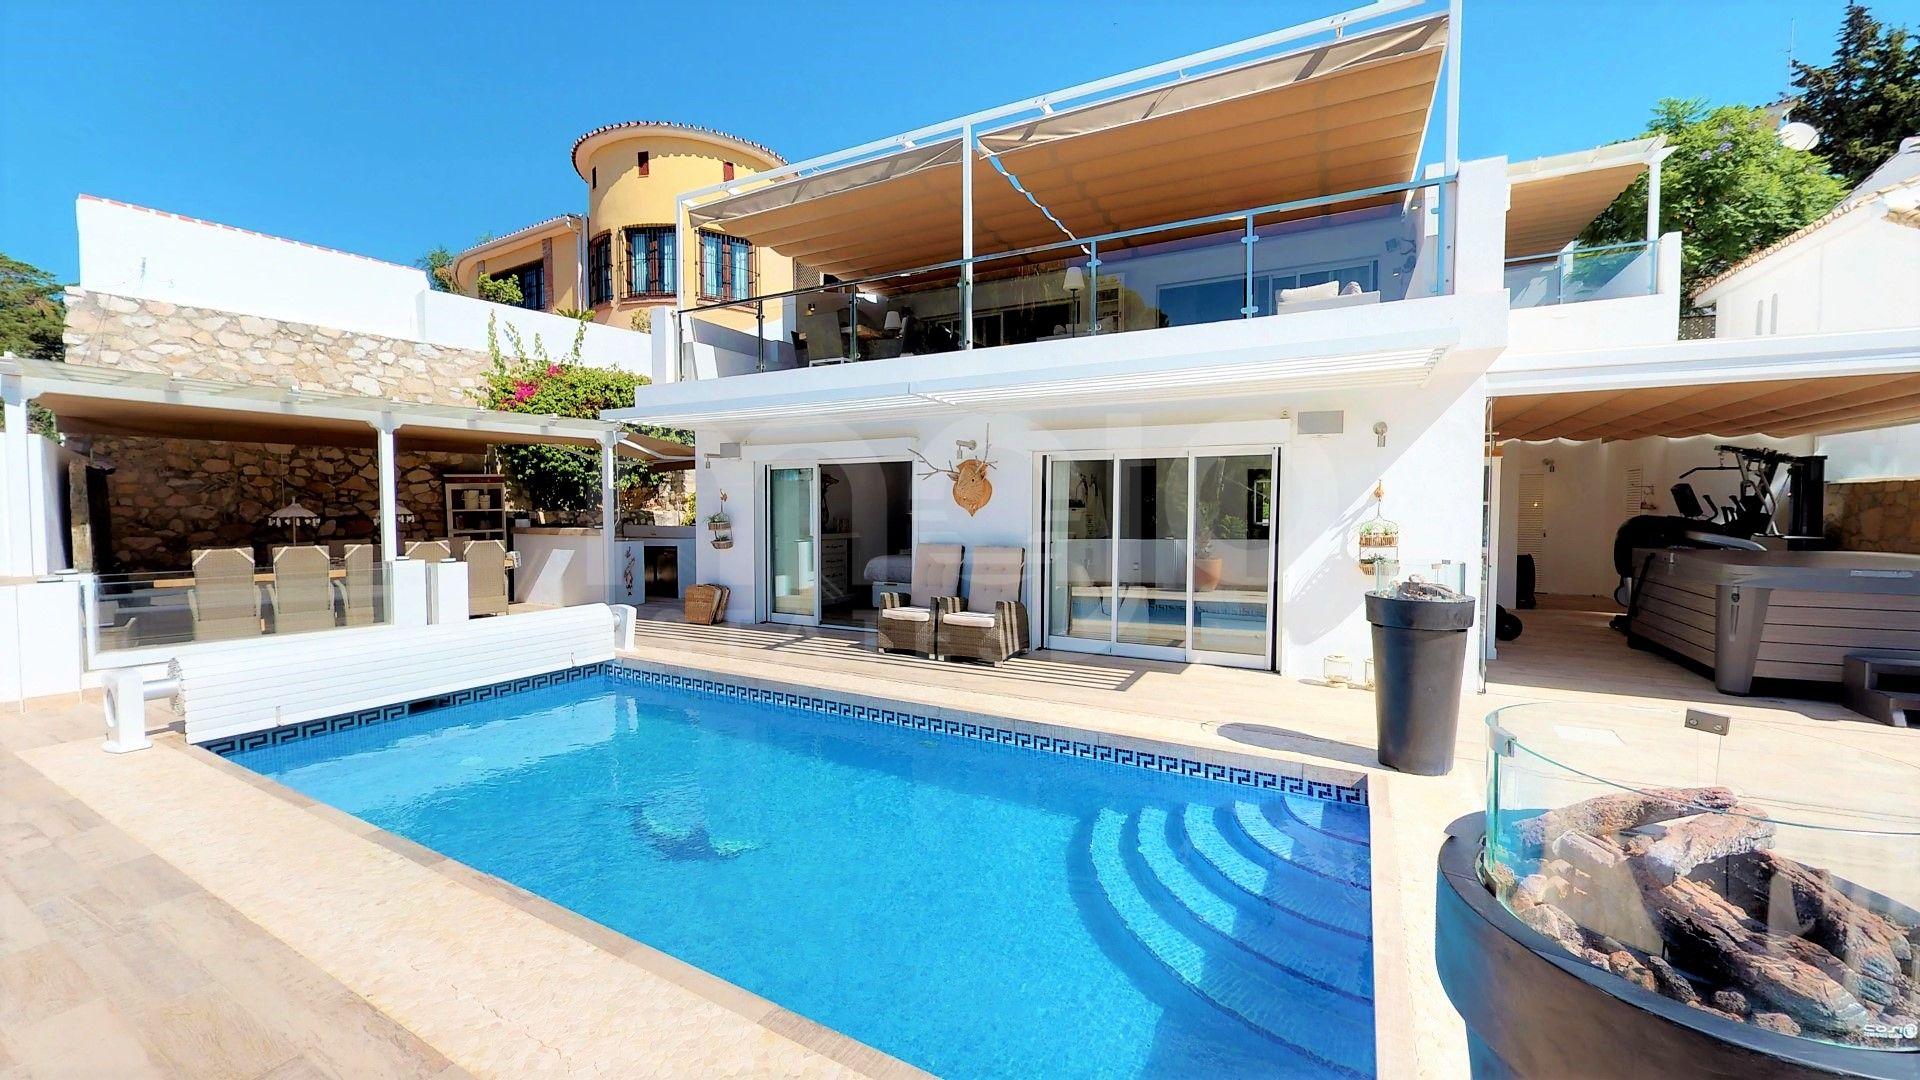 Villa til salg i Torreblanca, Fuengirola